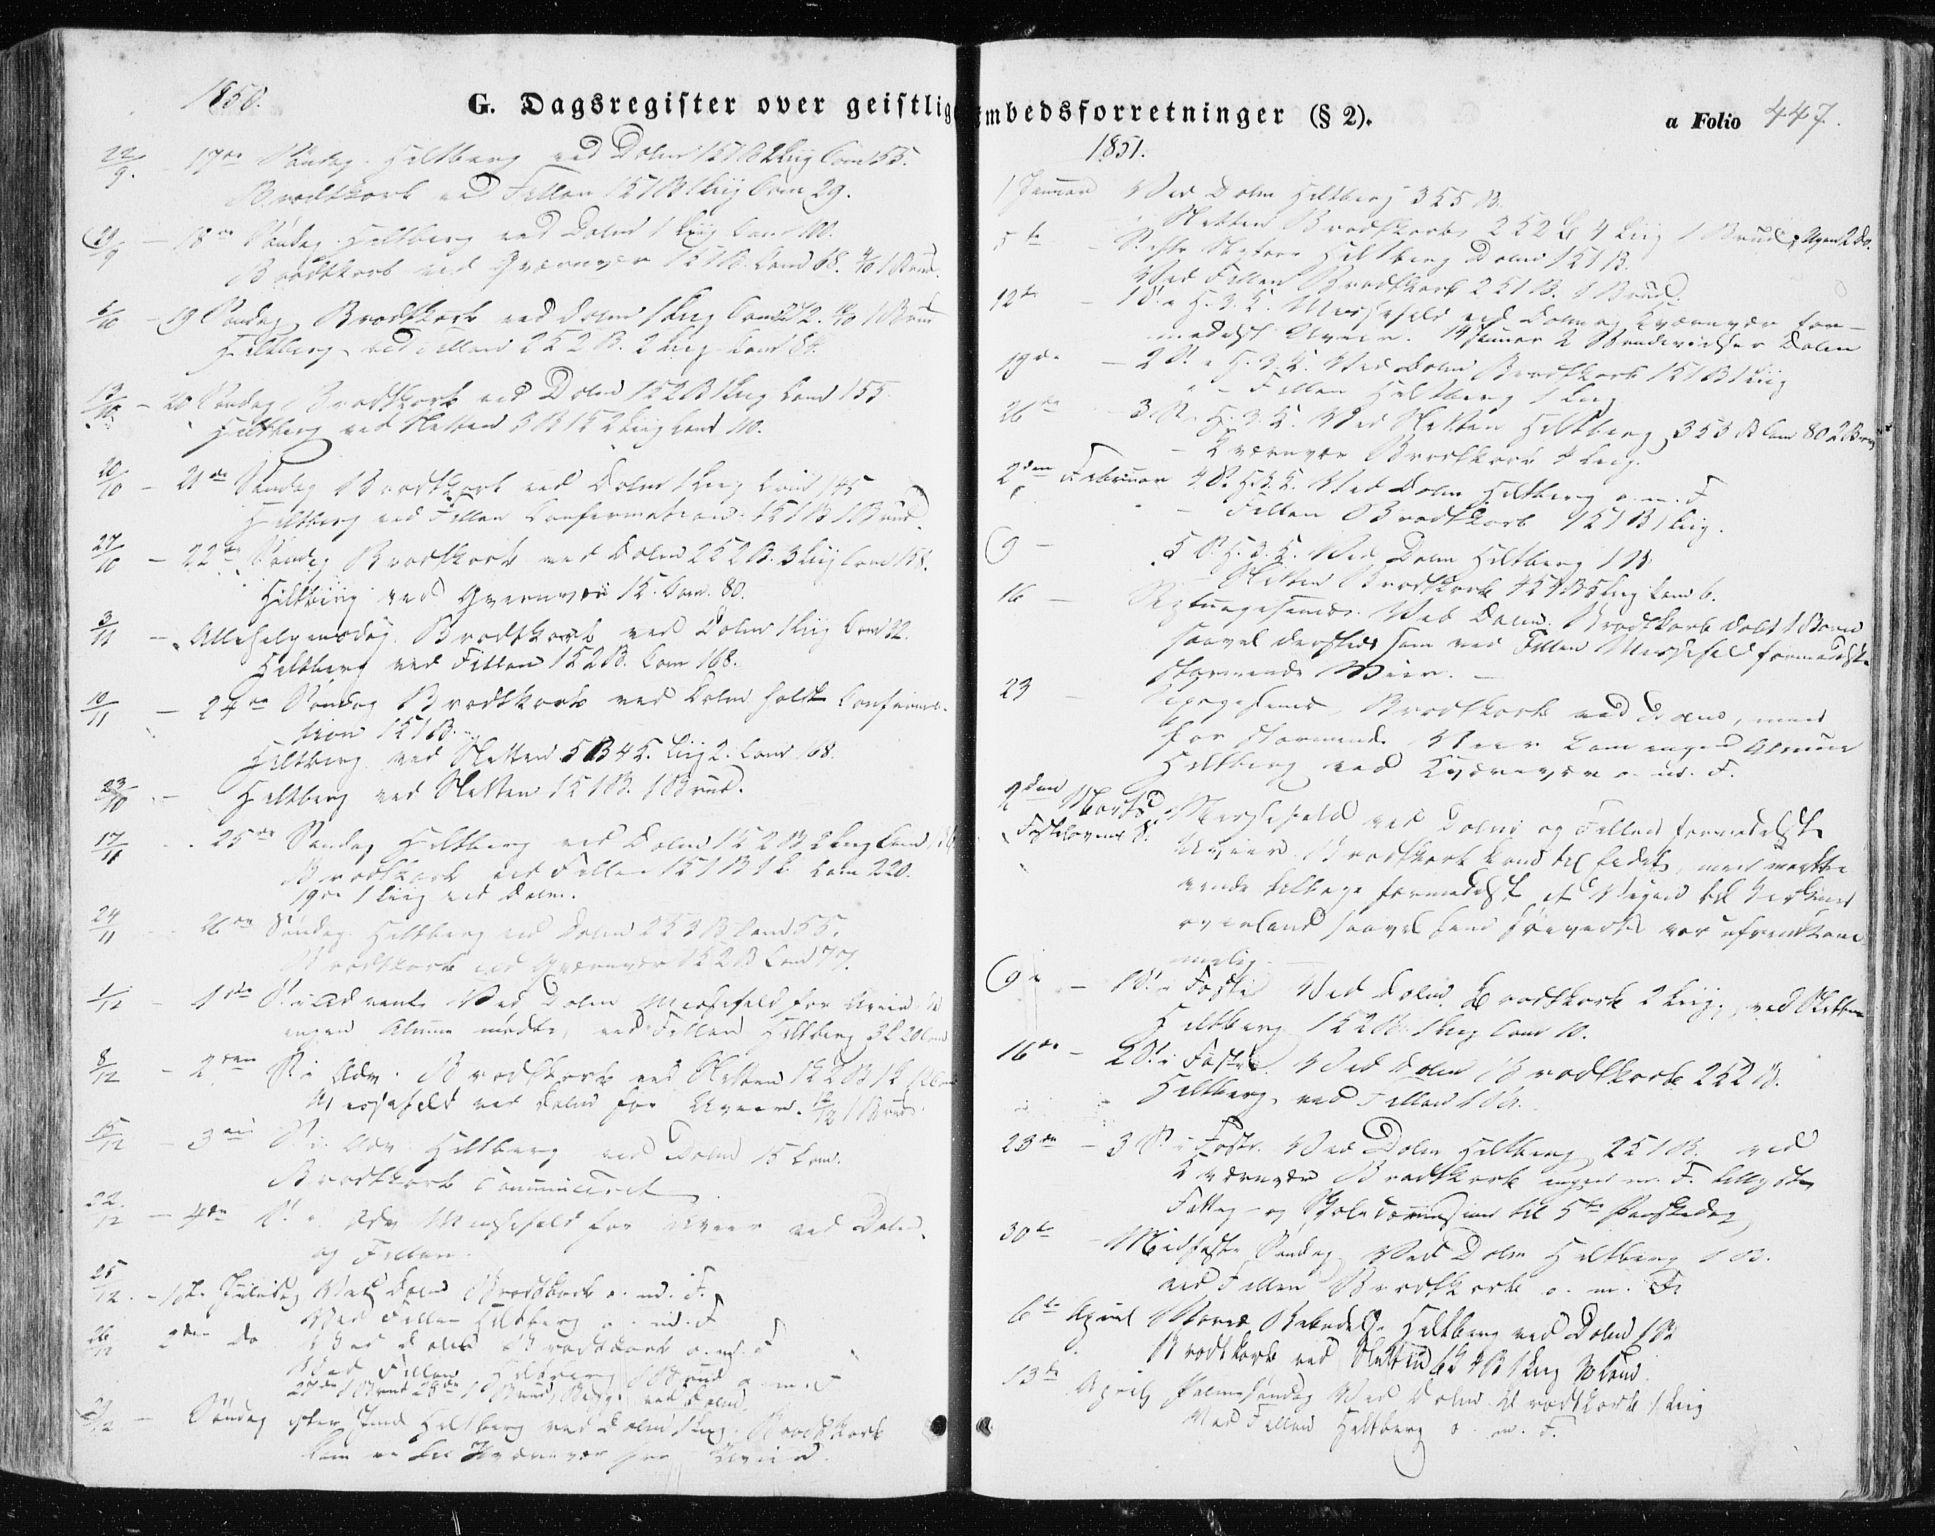 SAT, Ministerialprotokoller, klokkerbøker og fødselsregistre - Sør-Trøndelag, 634/L0529: Ministerialbok nr. 634A05, 1843-1851, s. 447